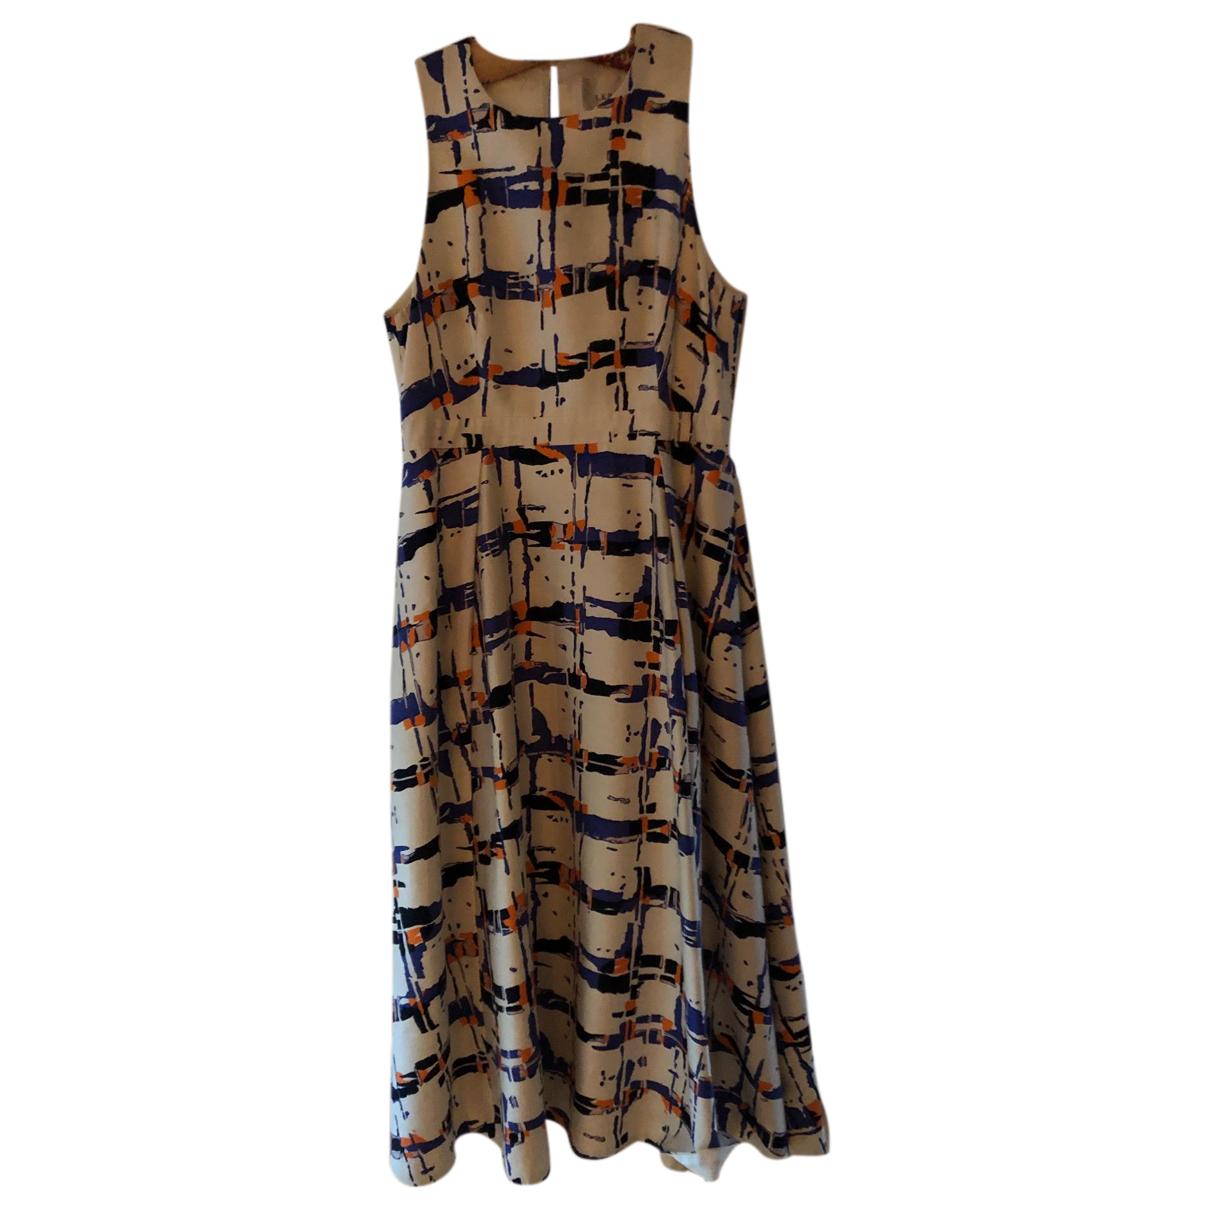 Lk Bennett \N Kleid in  Bunt Polyester